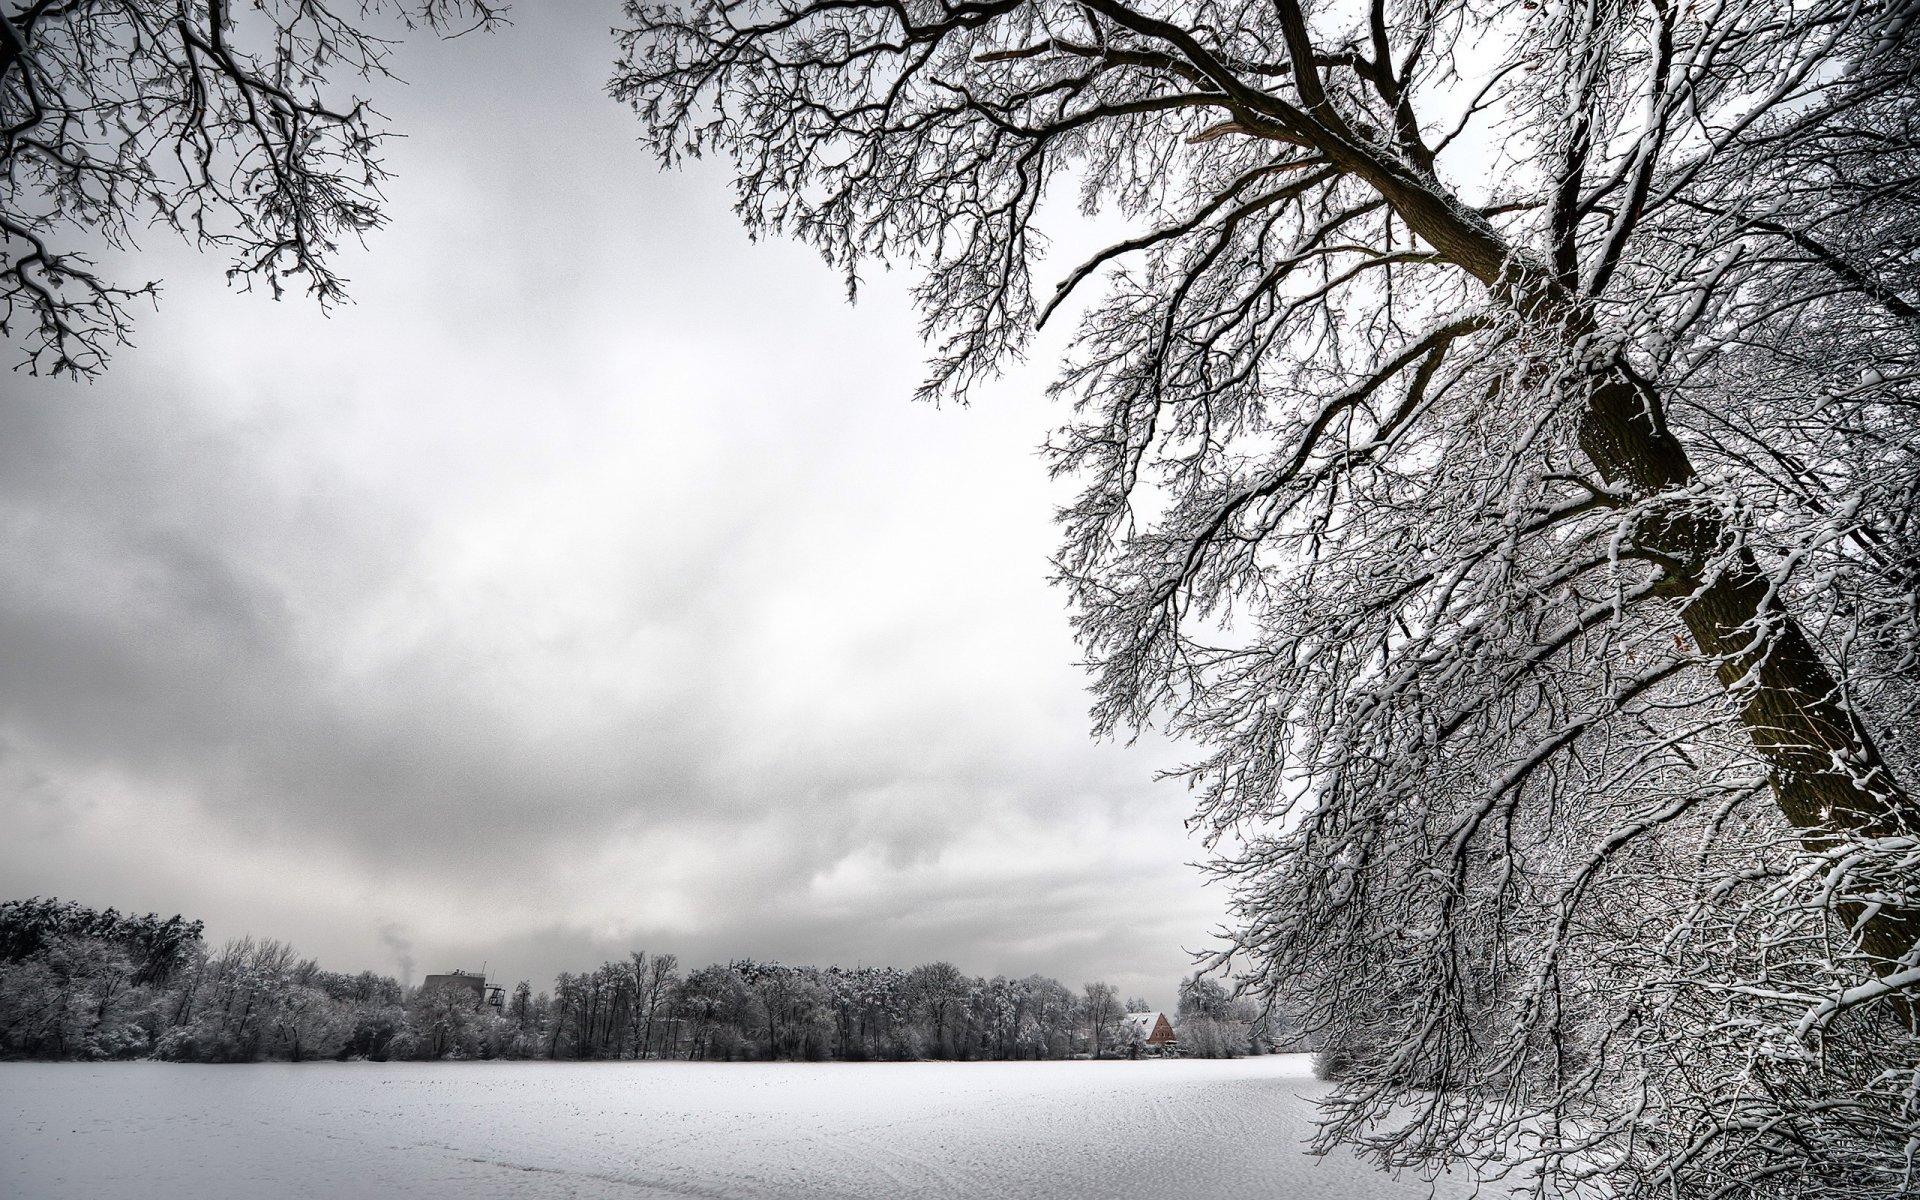 выборе зимние деревья фото черно белые сегодняшней